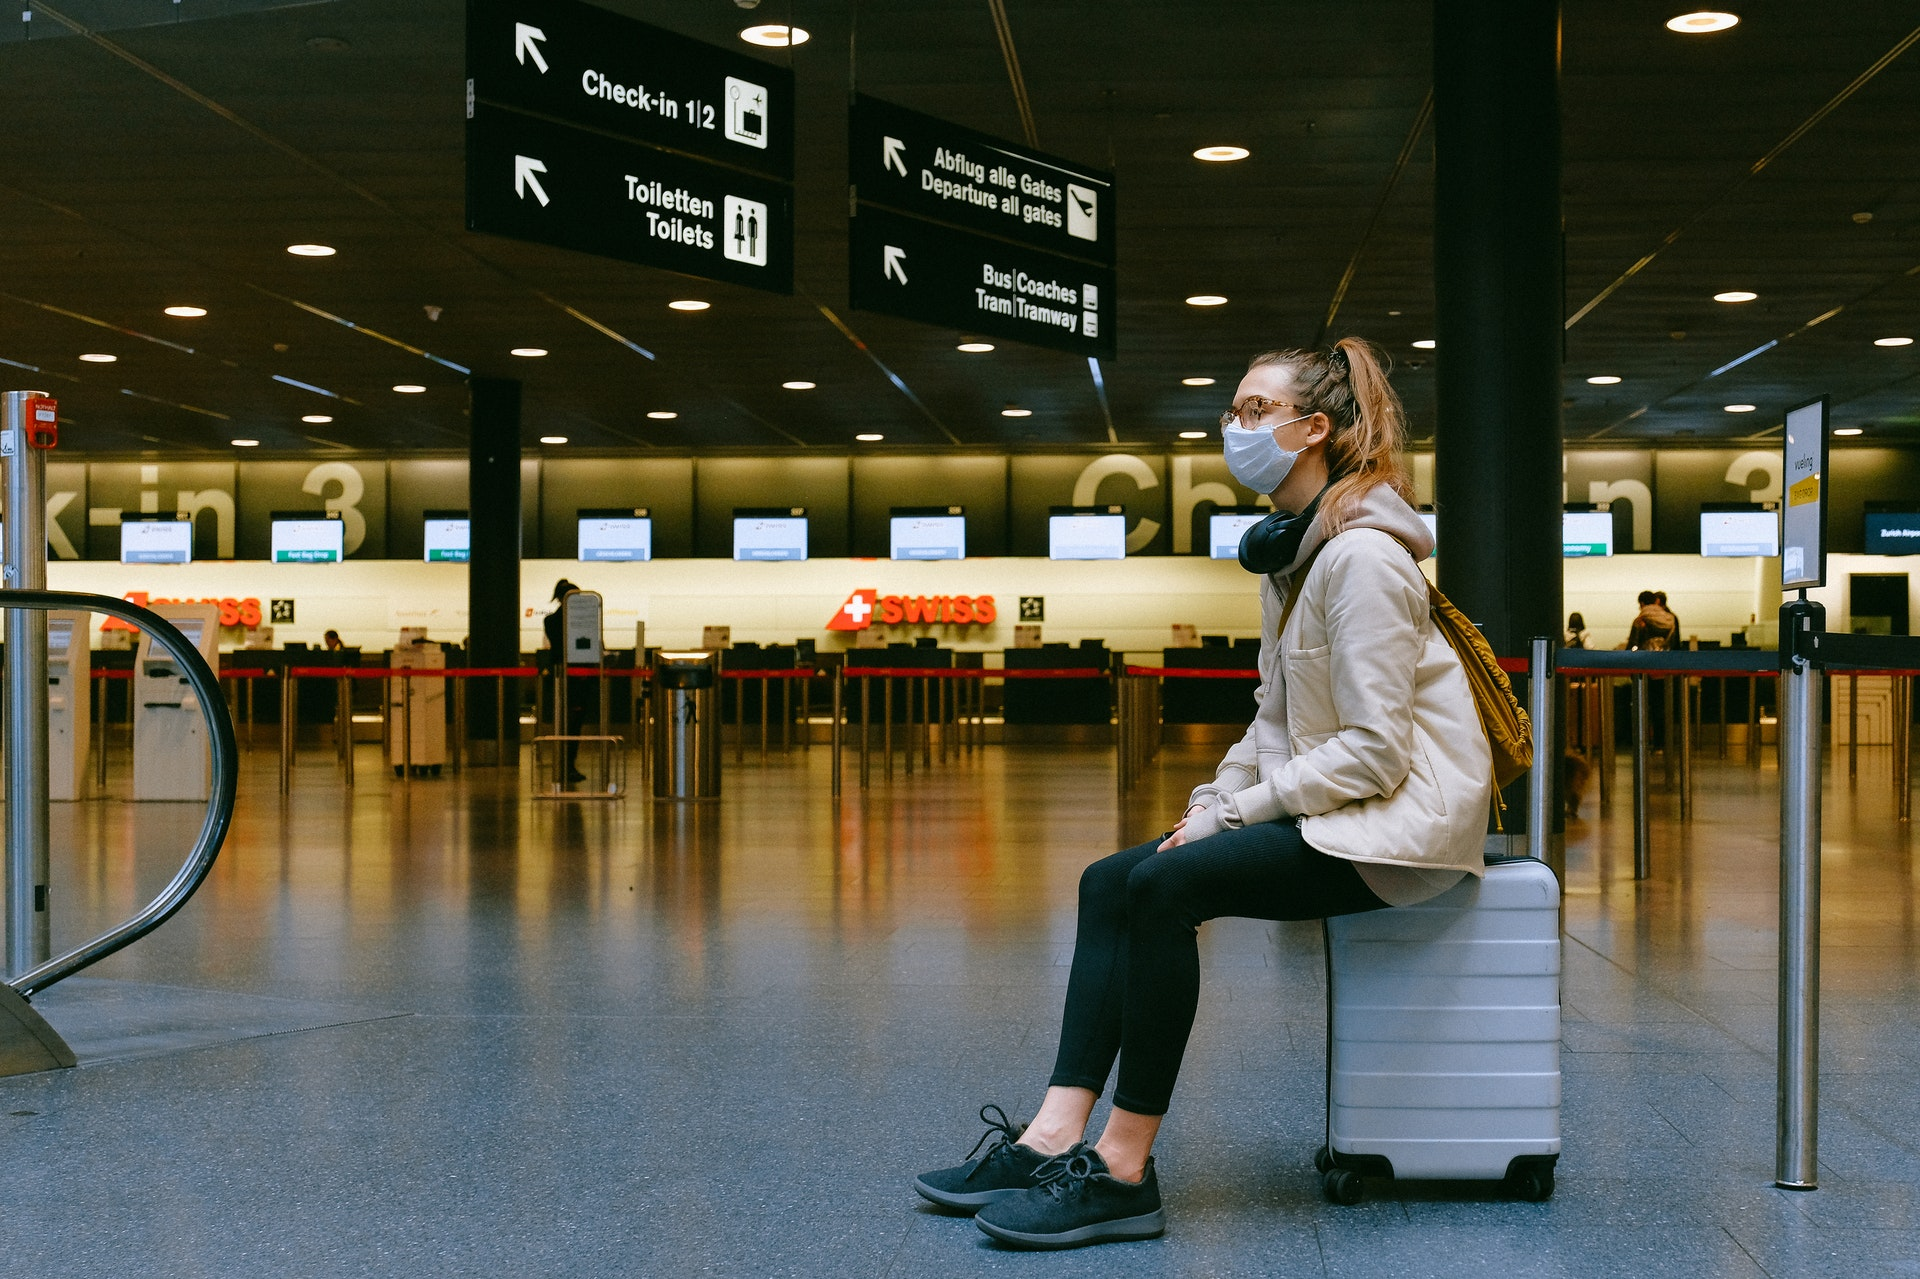 Vemos uma mulher sentada em cima da mala em um aeroporto (imagem ilustrativa). Texto: franquias baratas que valem a pena.